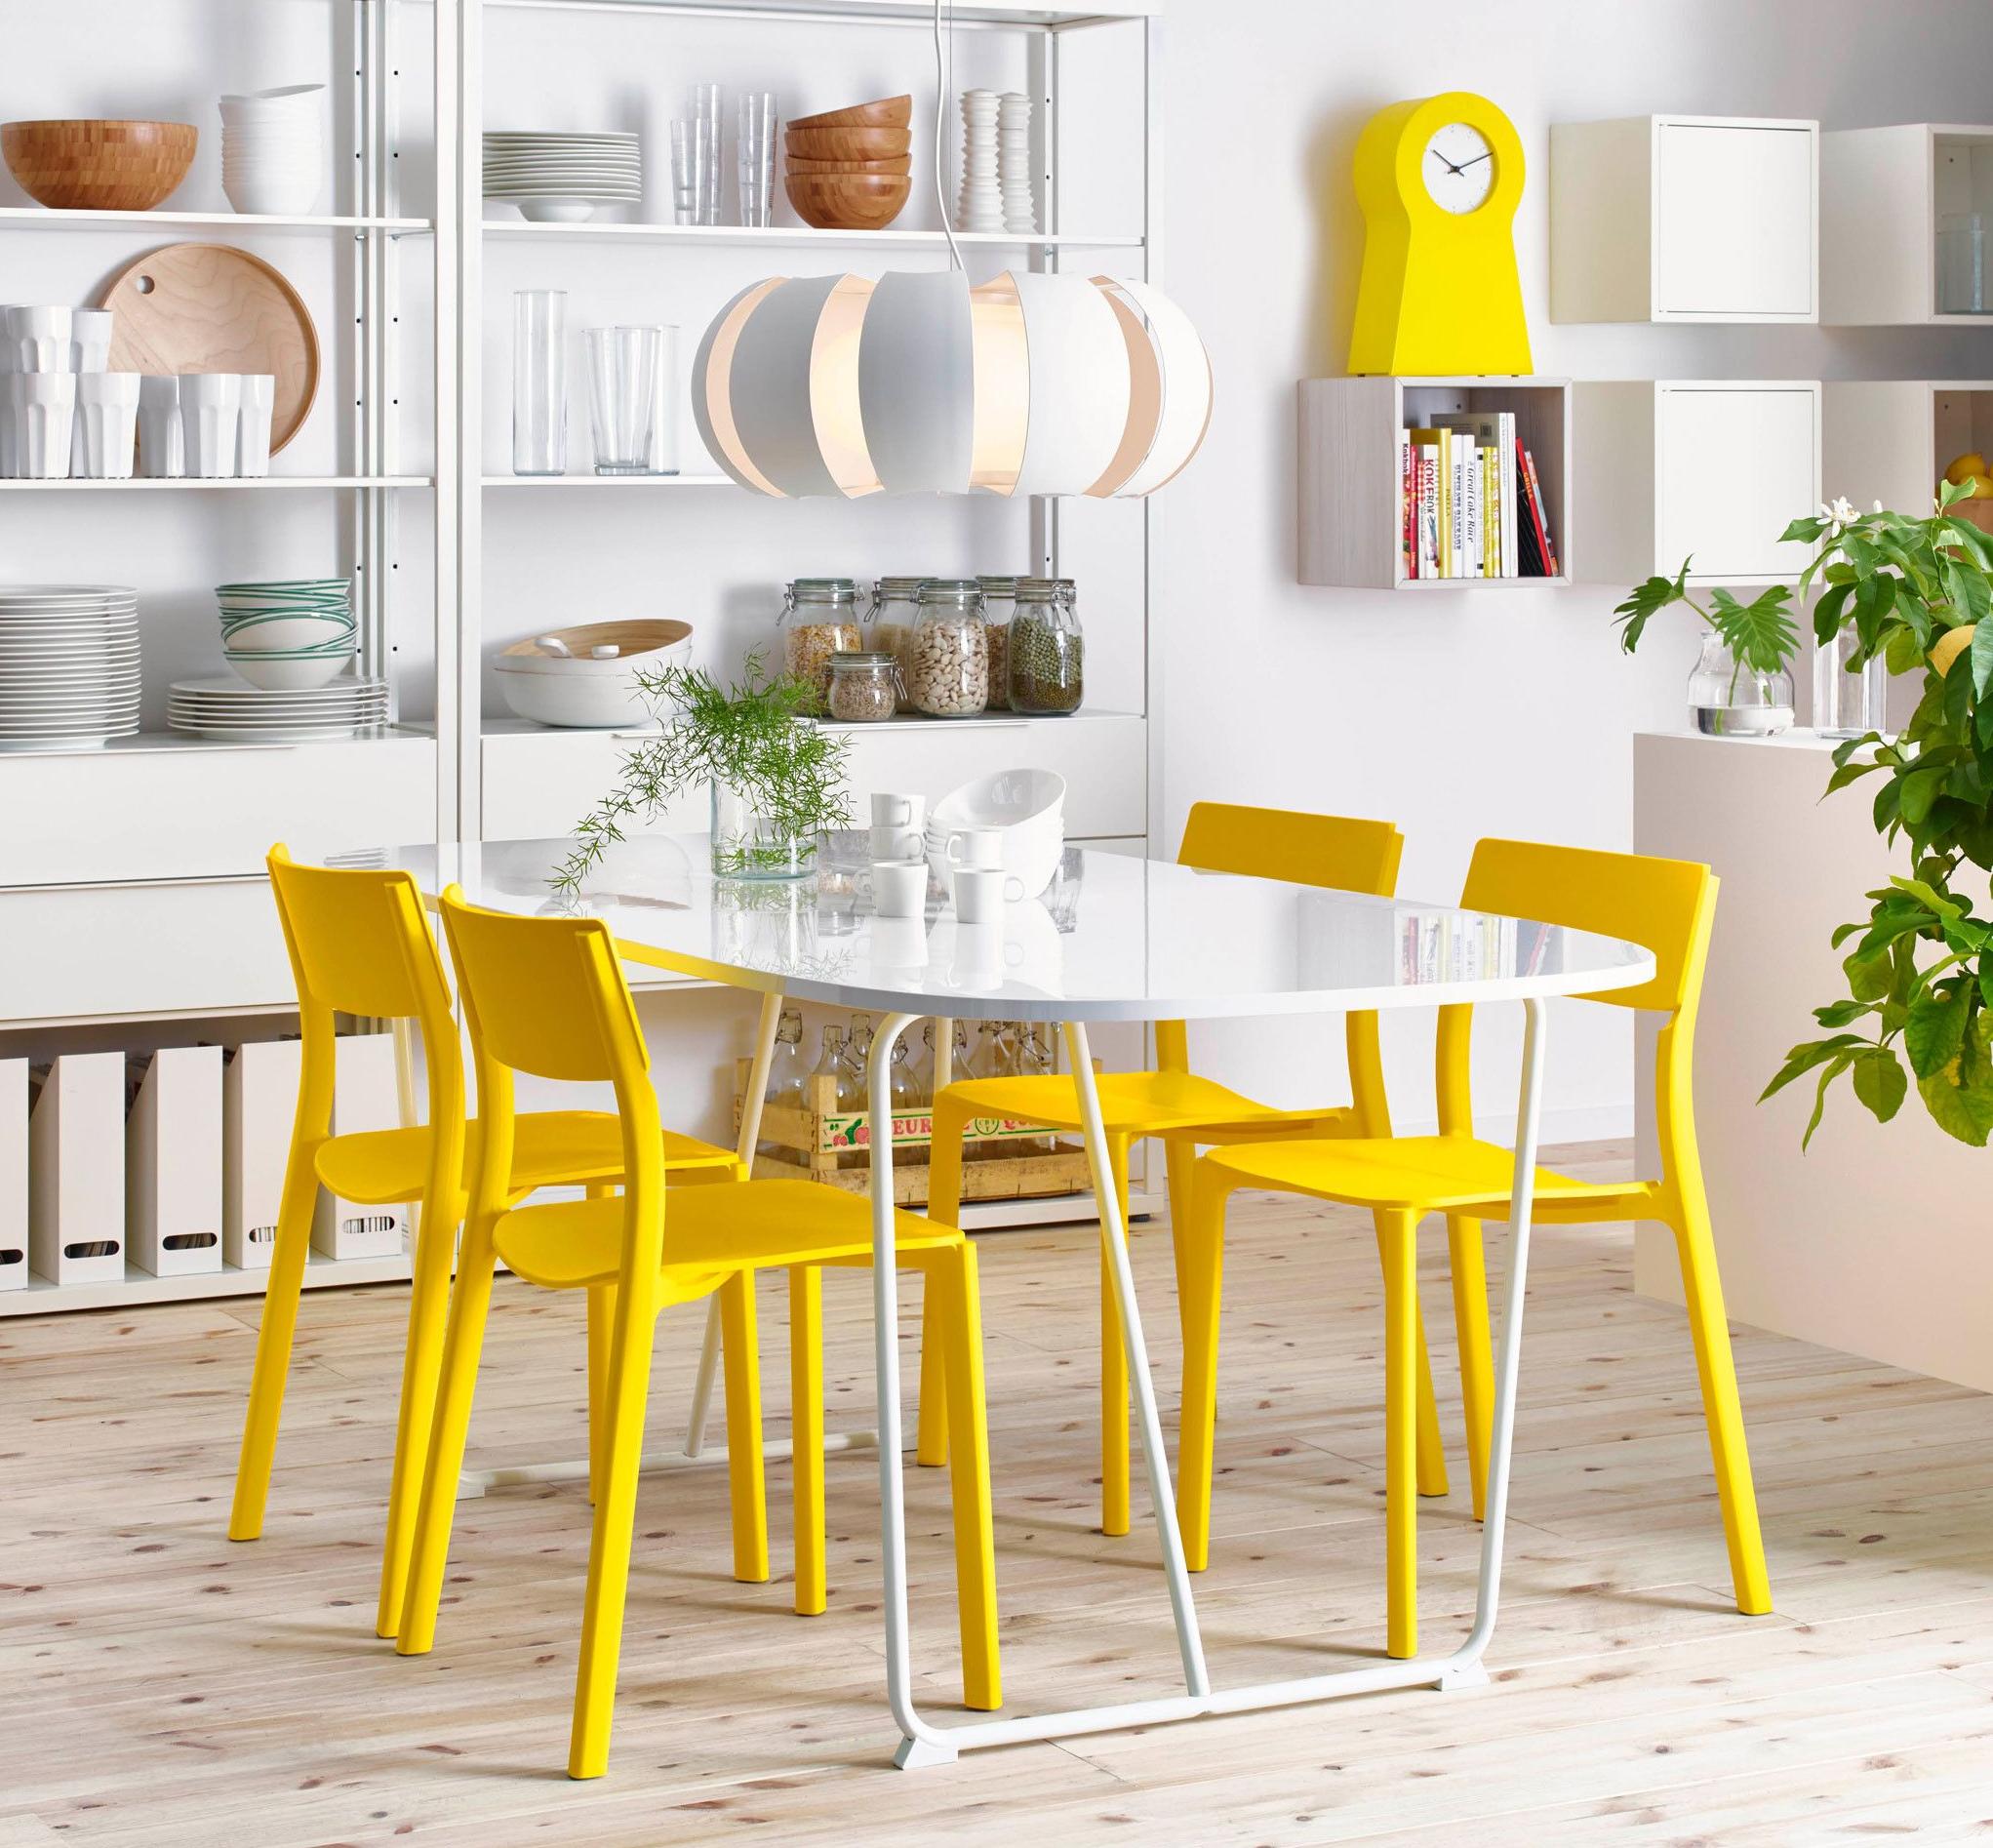 Прямоугольный стол IKEA из белого пластика со скругленными краями